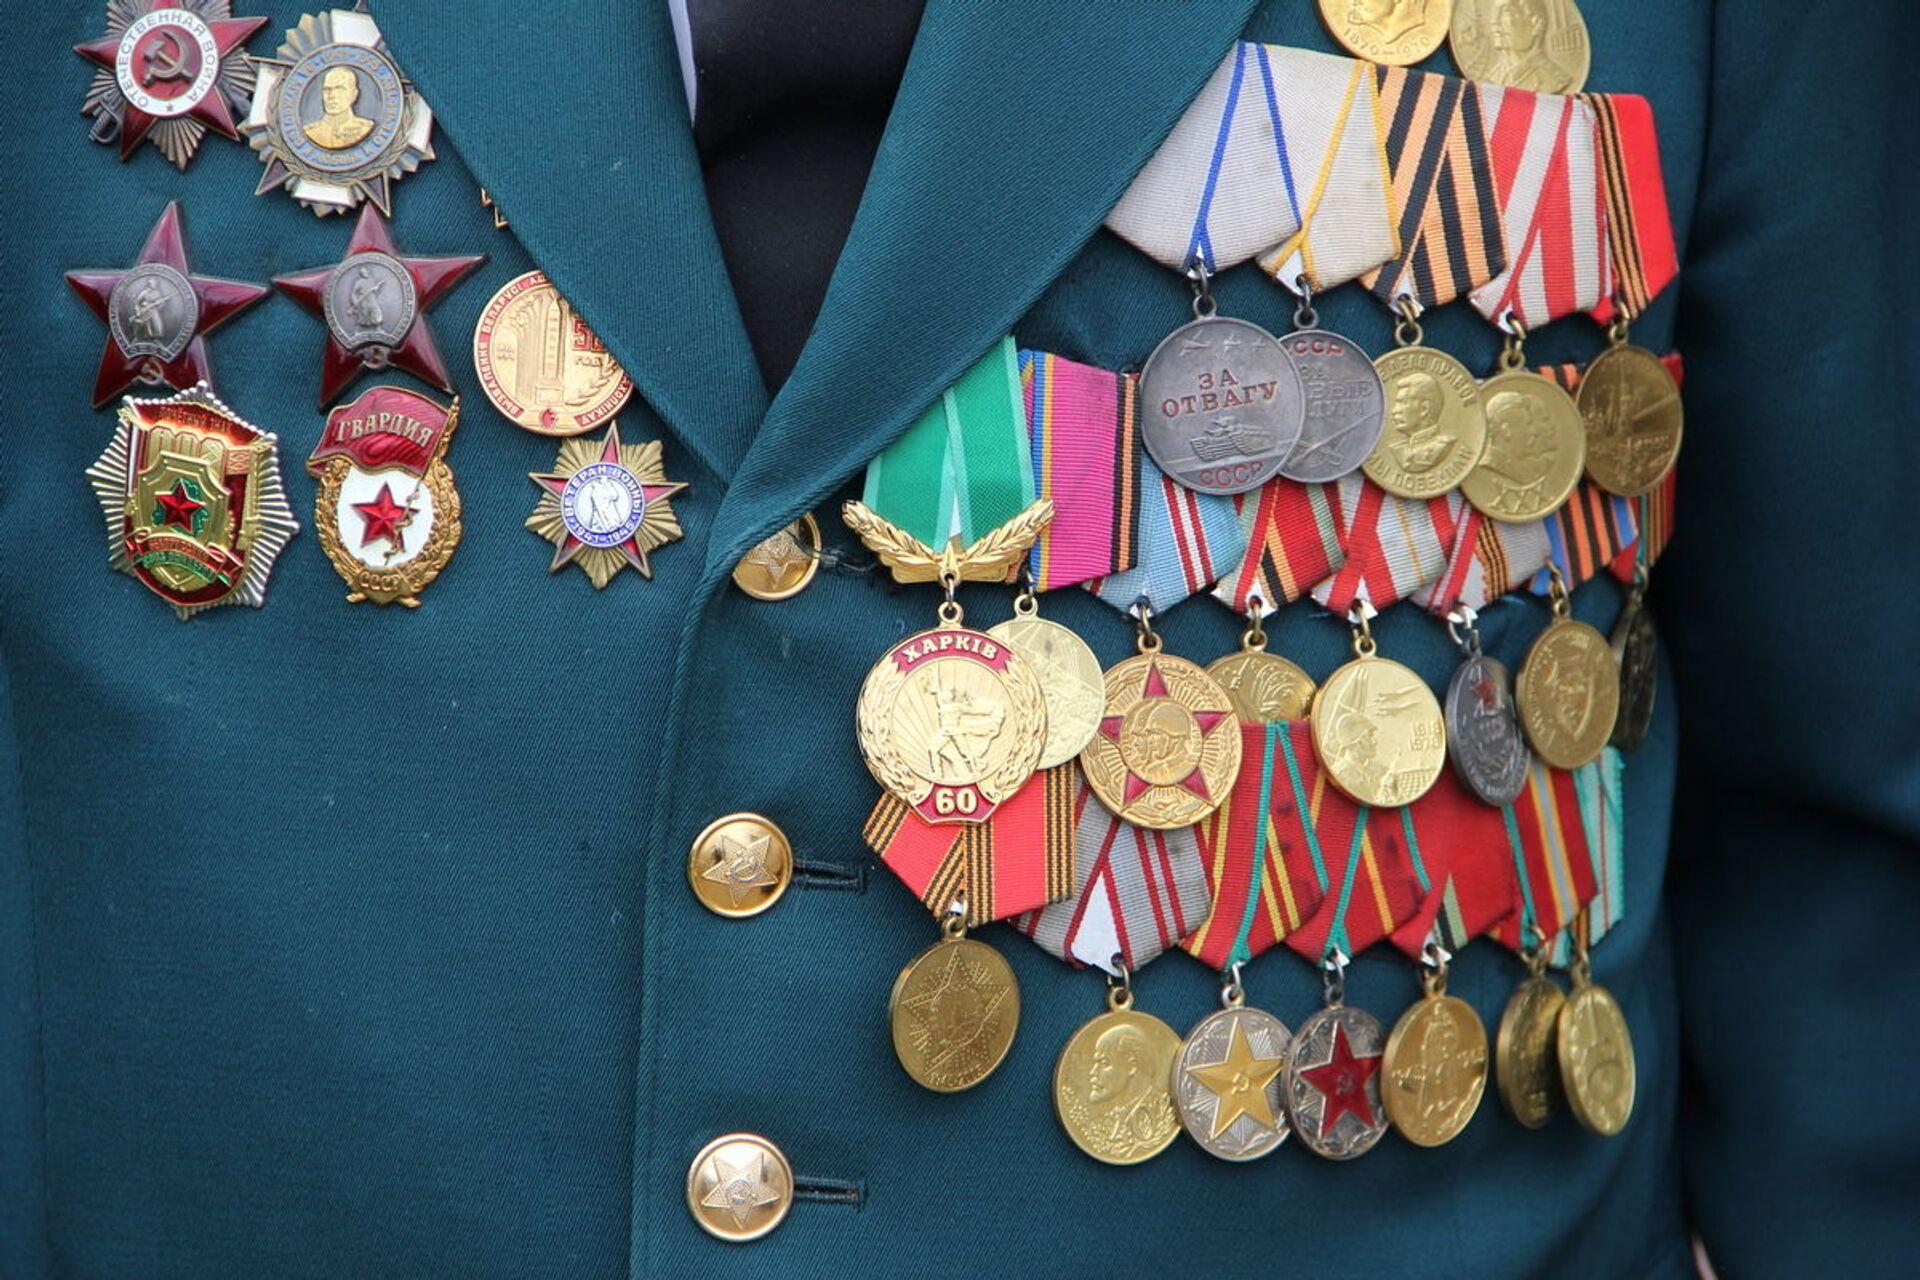 Среди наград - медали За отвагу и За боевые заслуги - Sputnik Беларусь, 1920, 29.06.2021